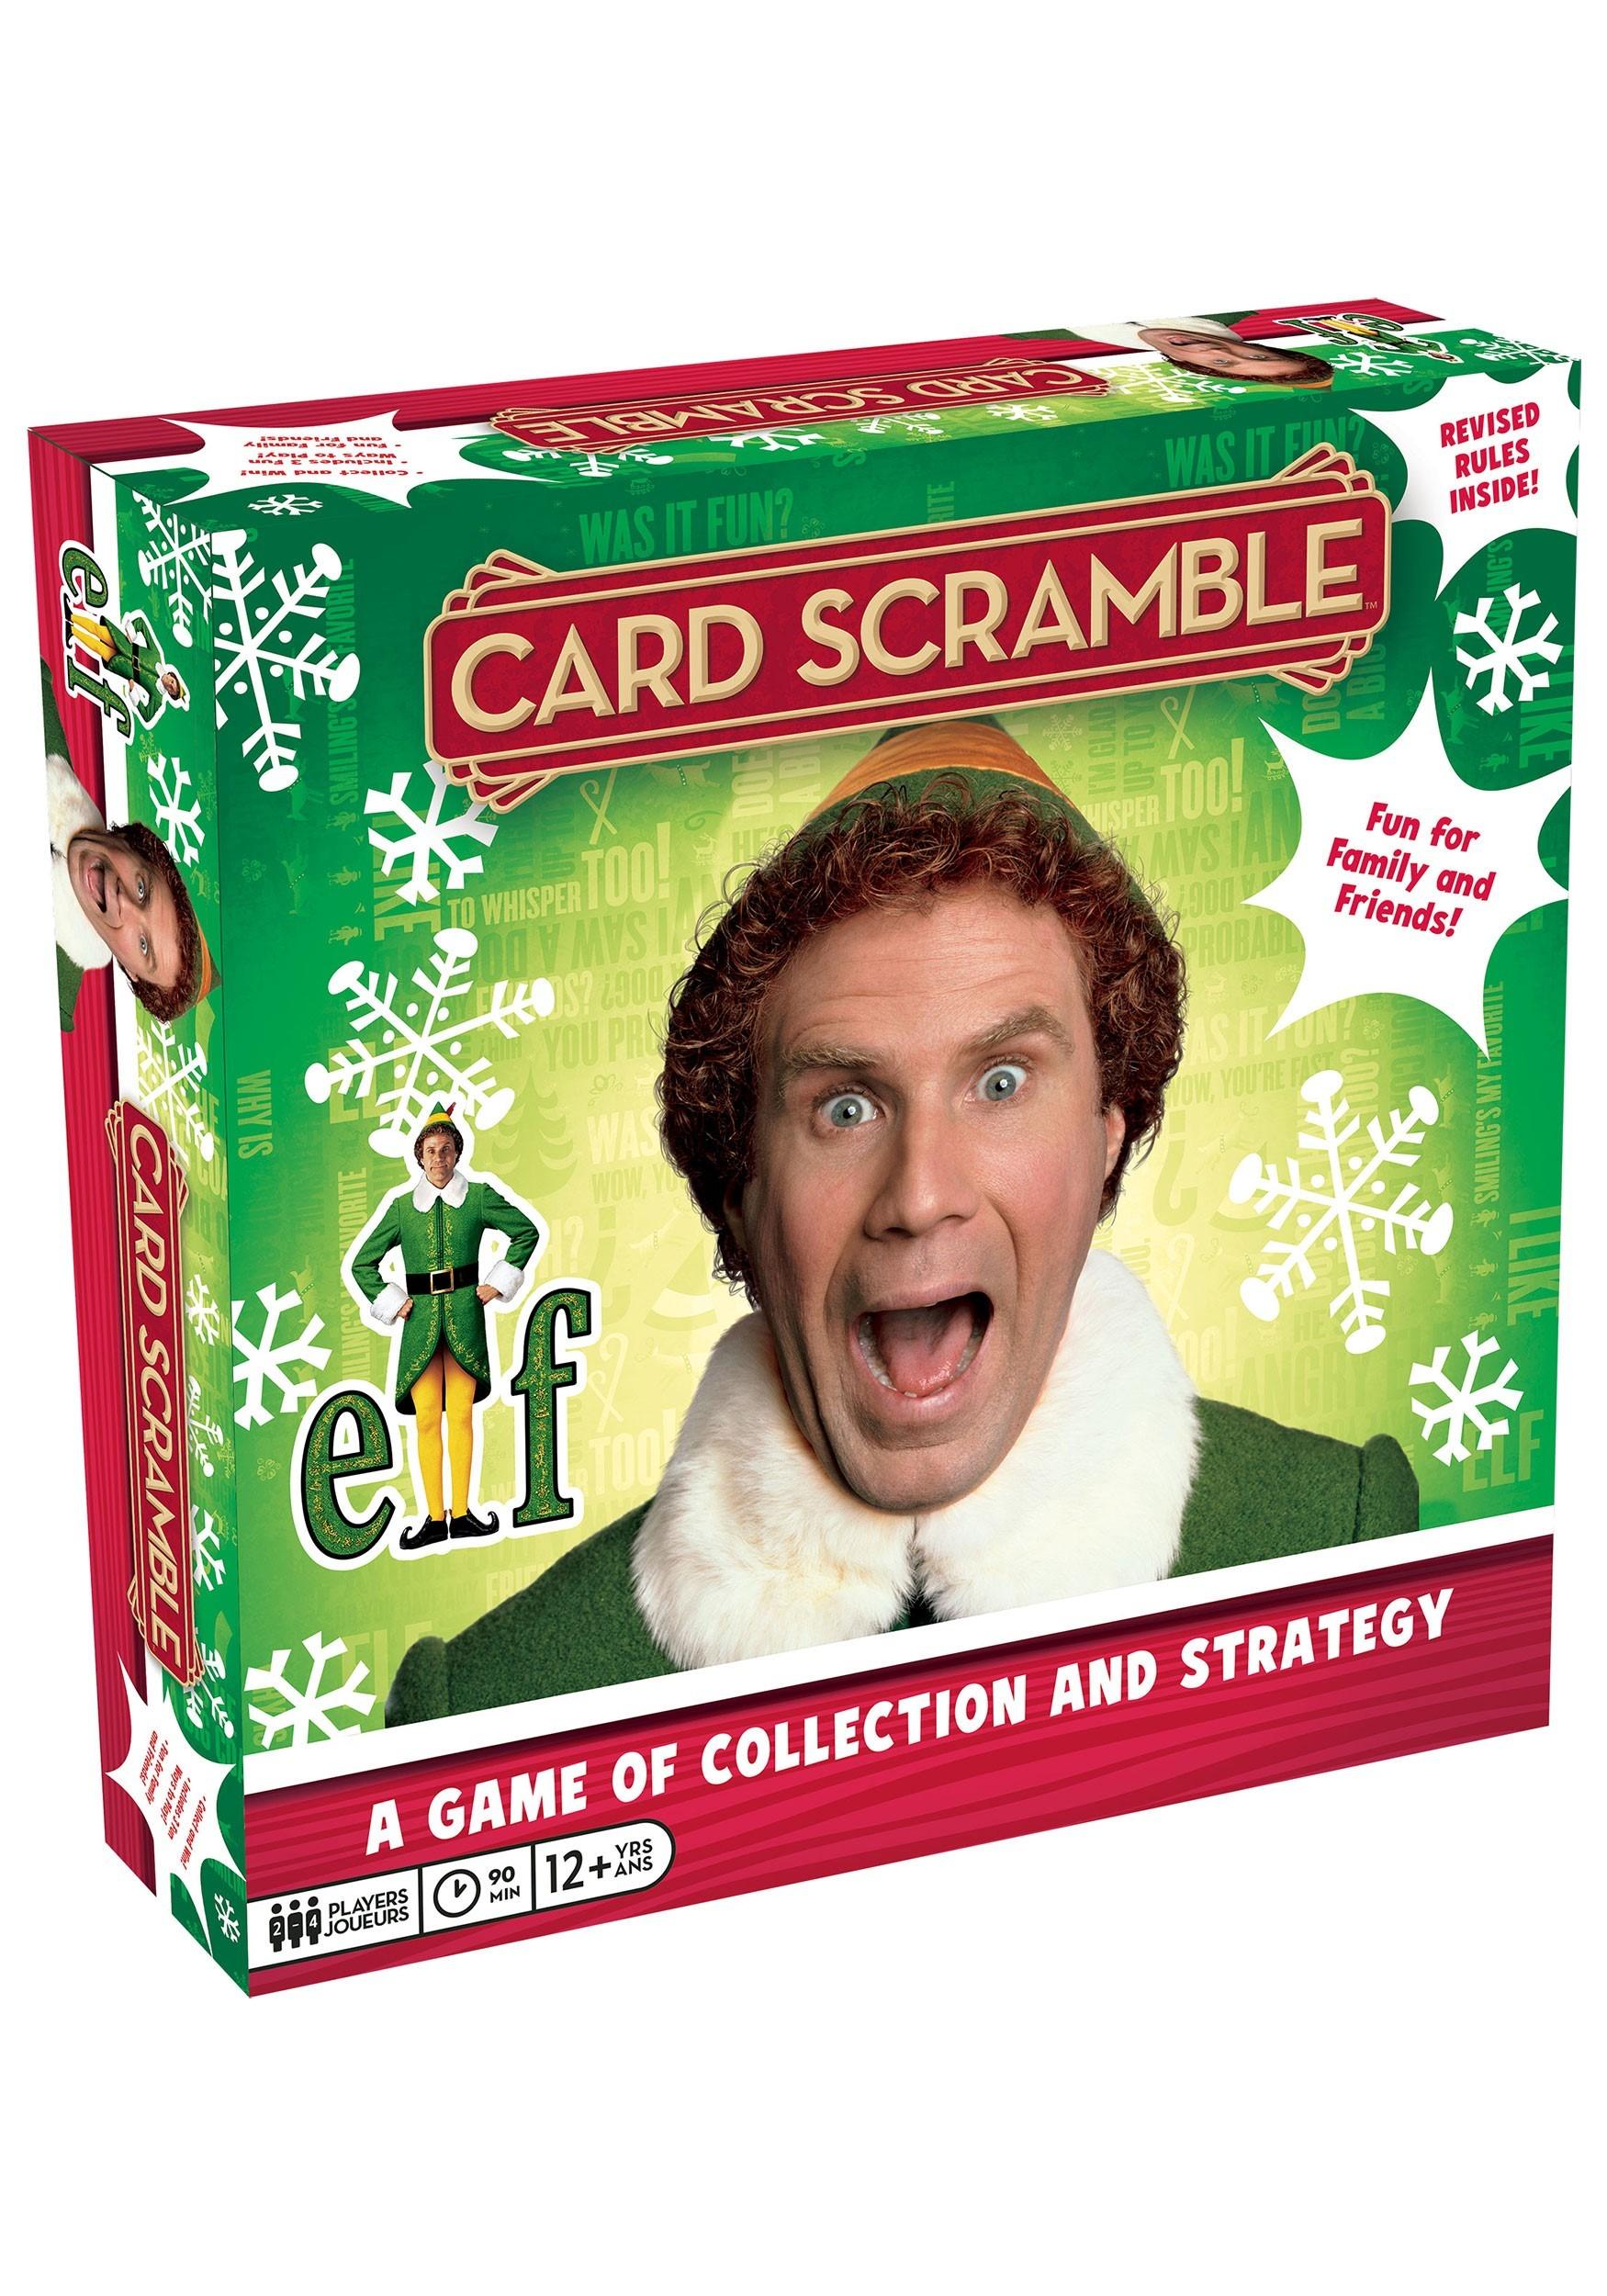 Buddy the Elf Scramble Card Game